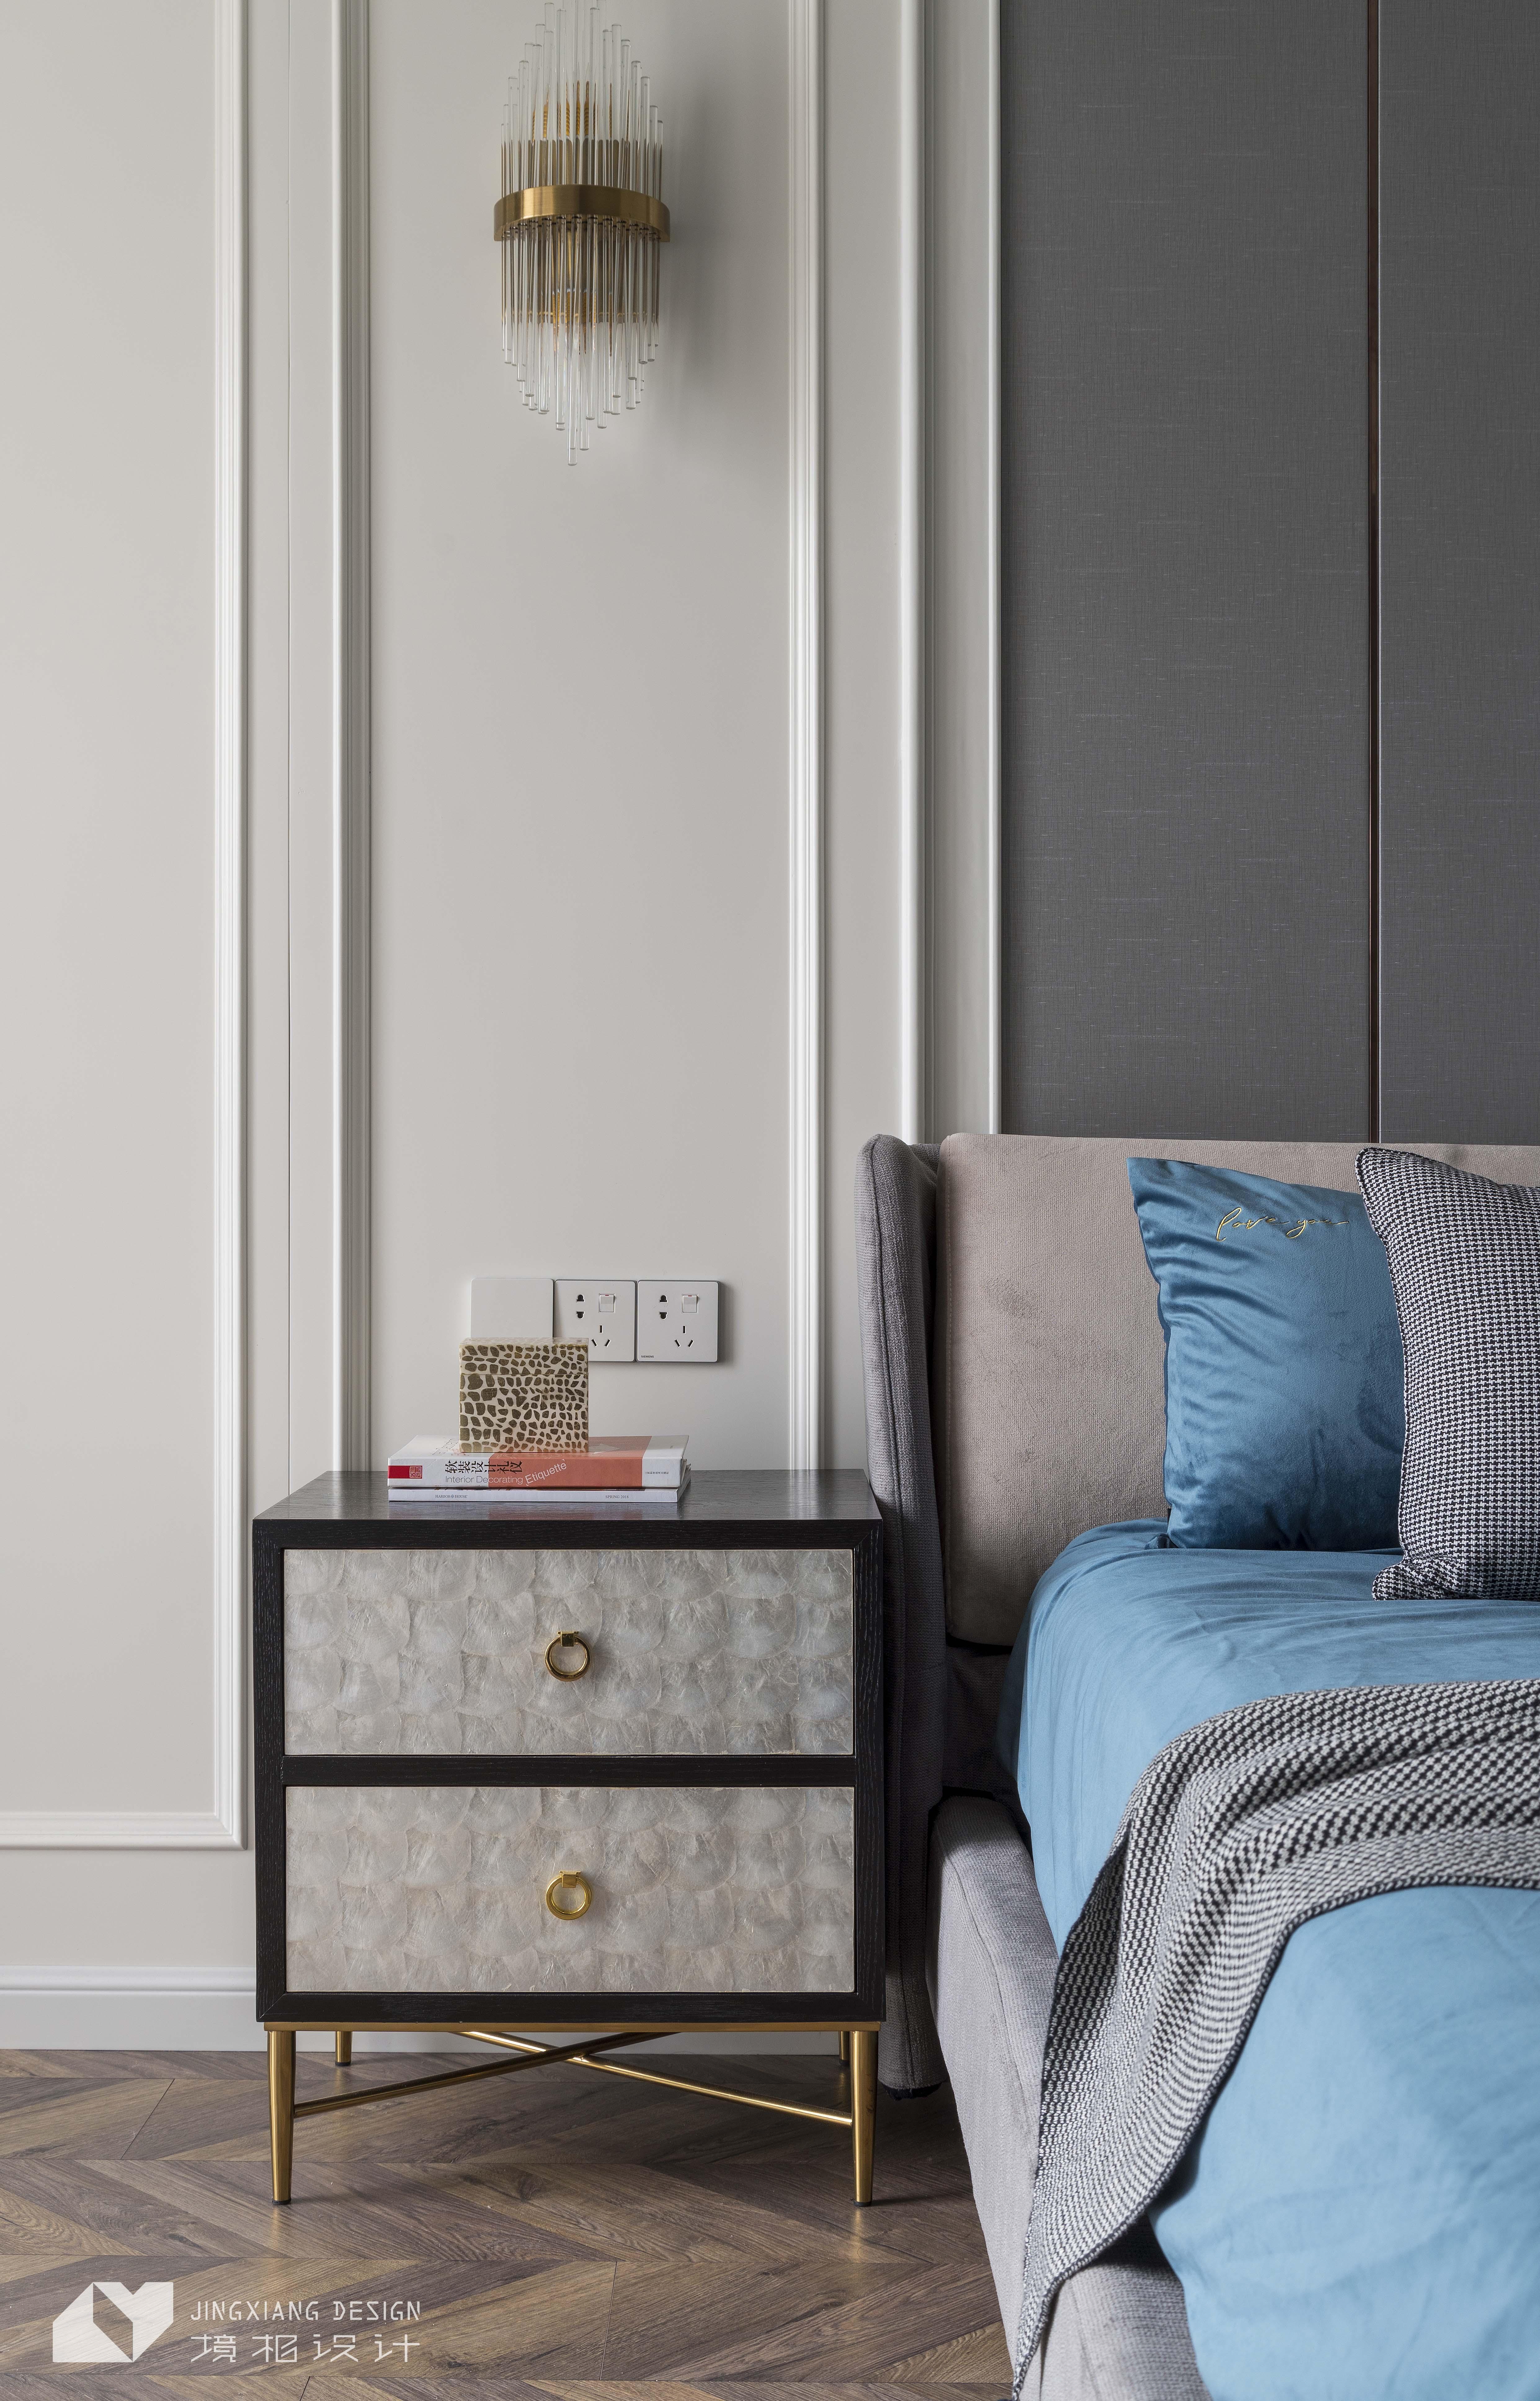 轻奢简美式卧室床头柜设计卧室美式经典卧室设计图片赏析